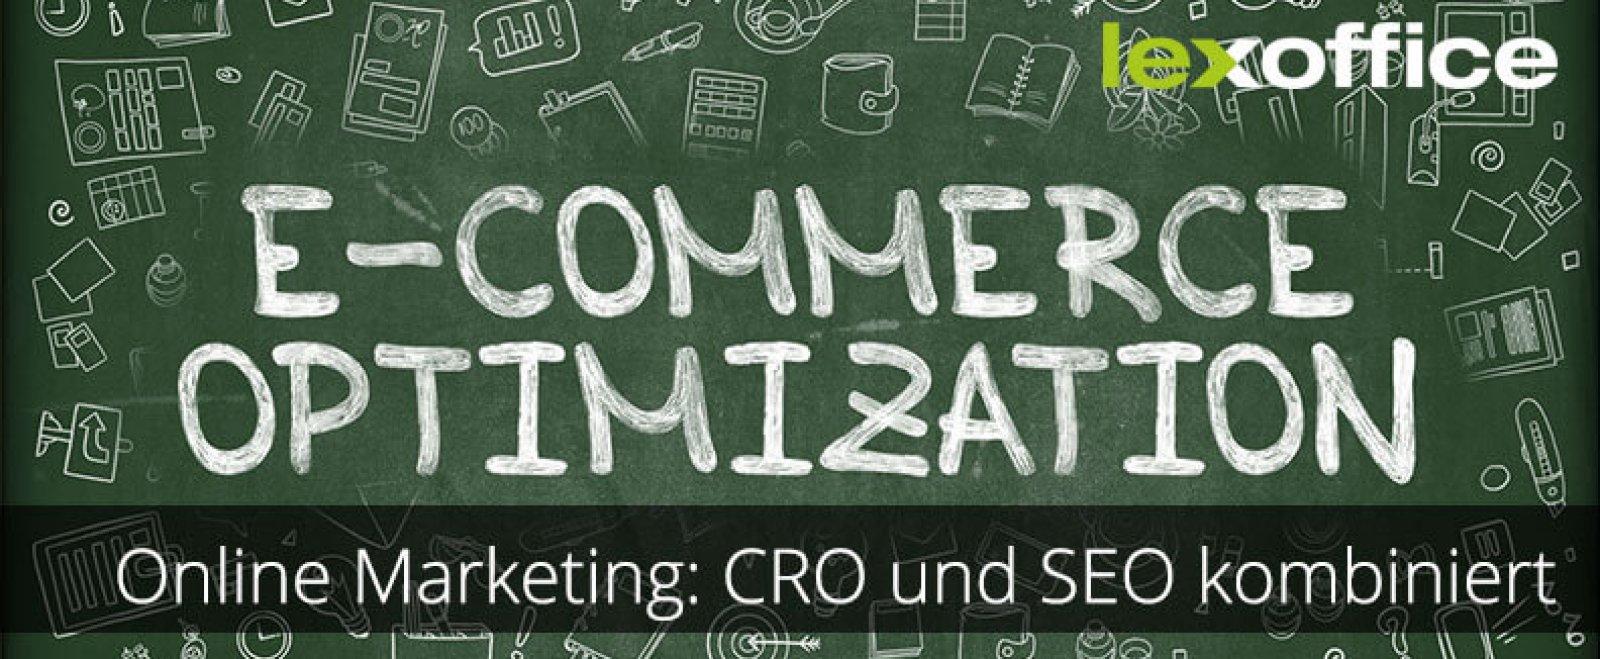 Online-Marketing: CRO und SEO kombiniert.